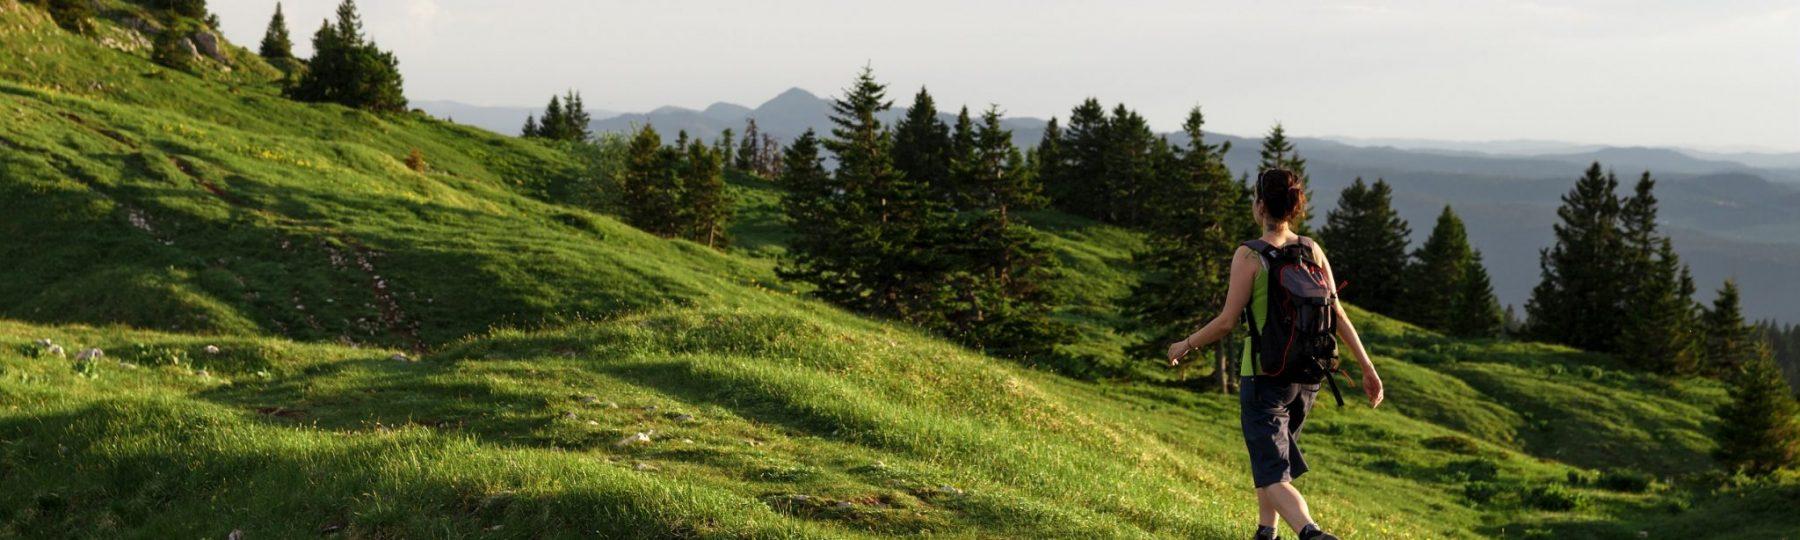 Randonnée dans le Haut-Jura © Stéphane Godin / Jura Tourisme